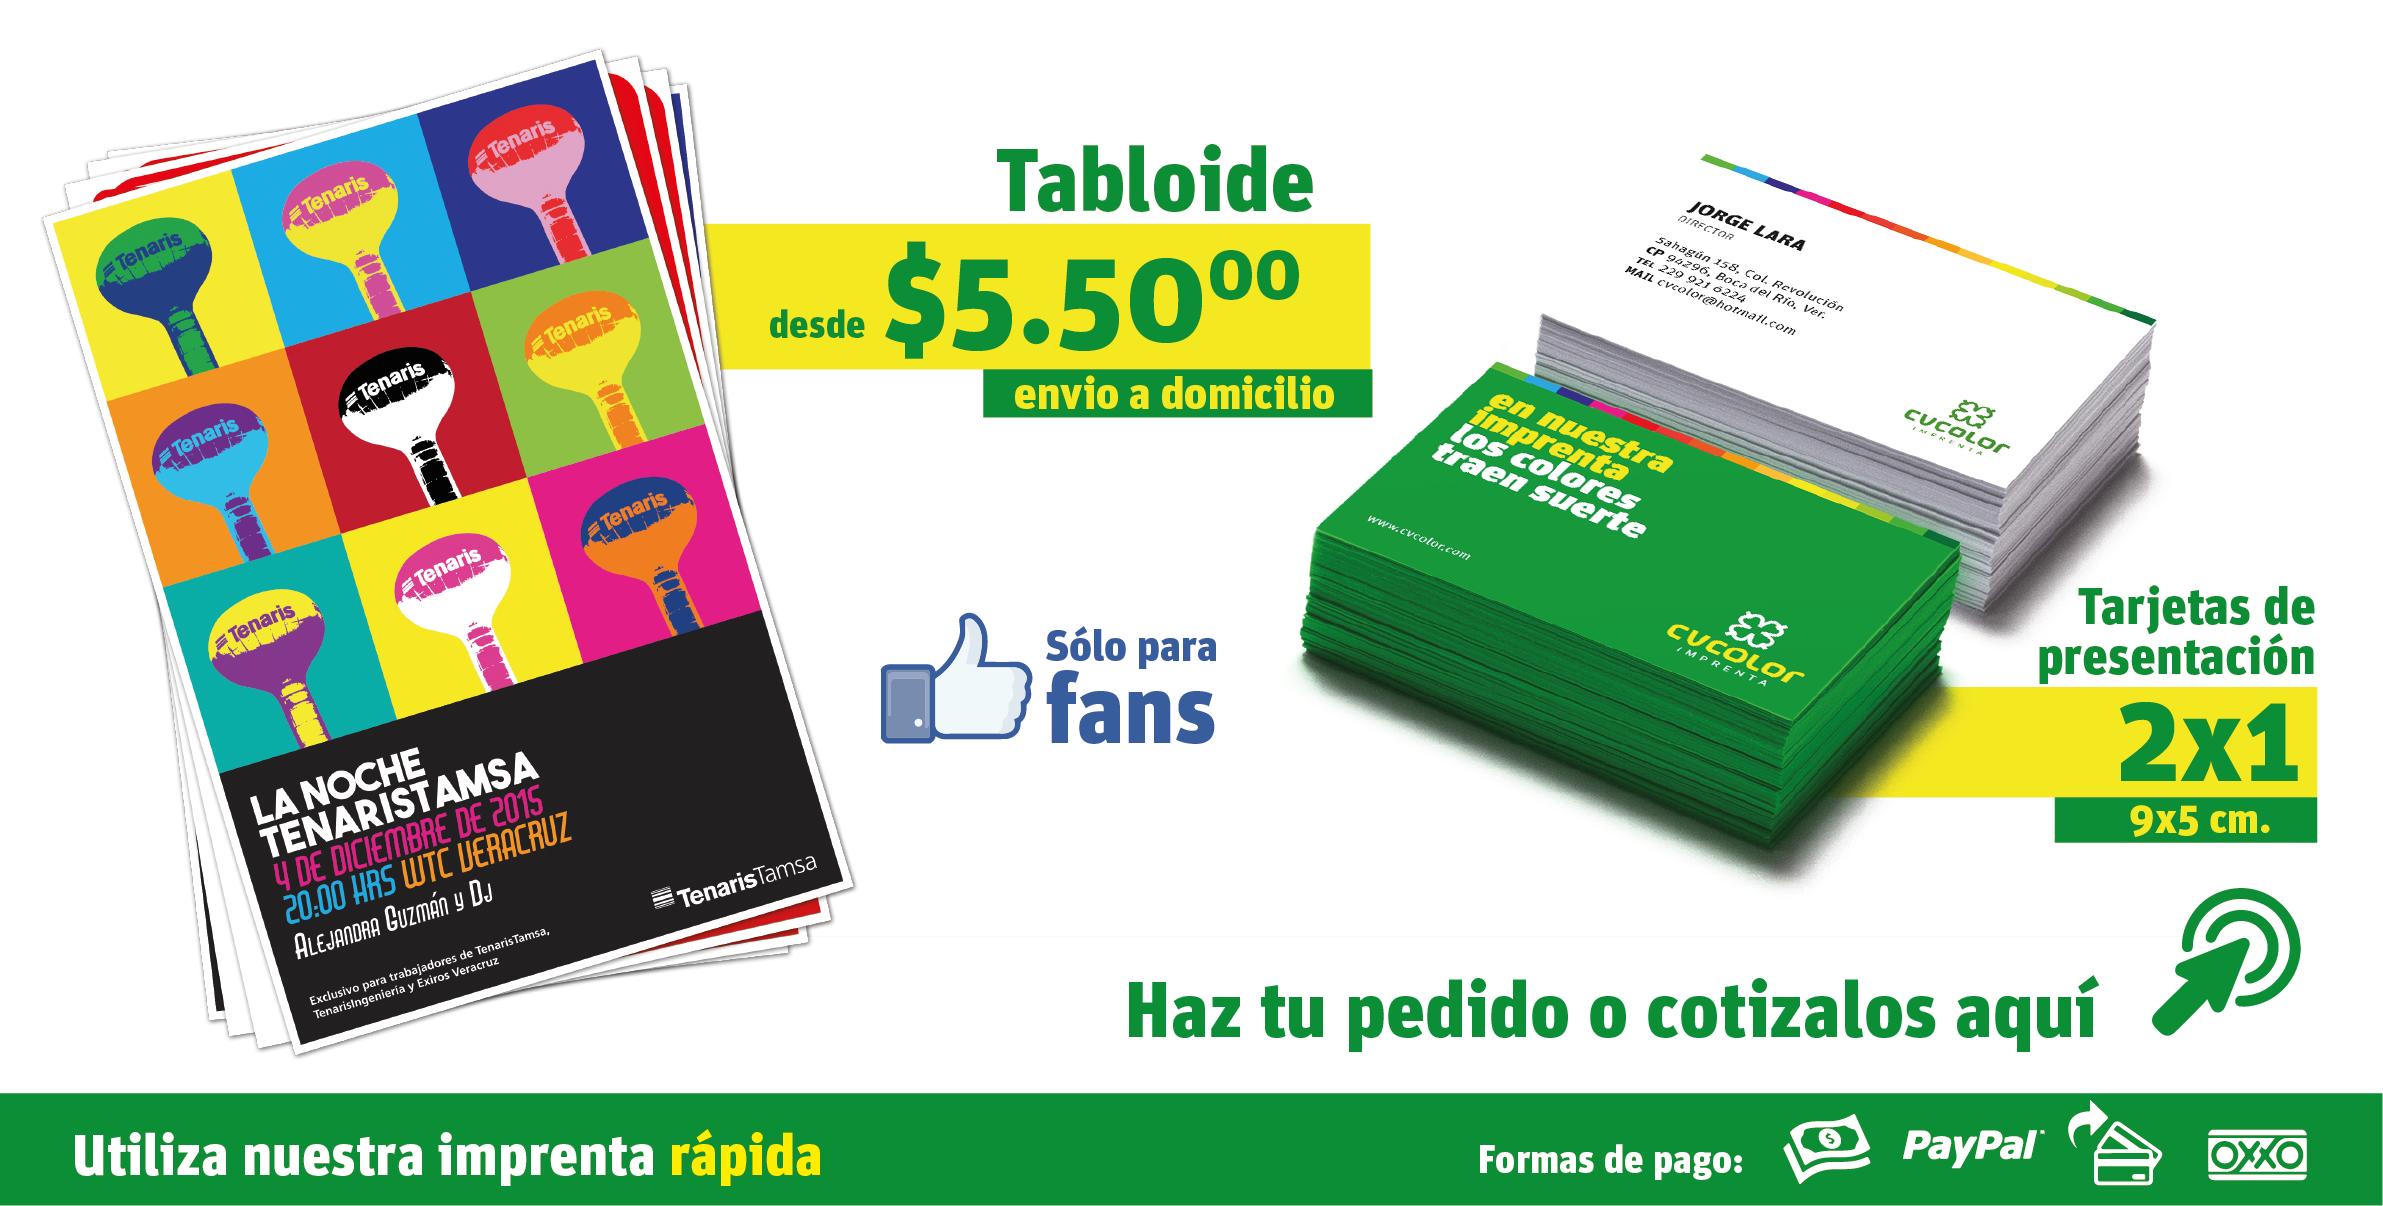 CV COLOR - Servicio de Impresión - Imprentas en Veracruz